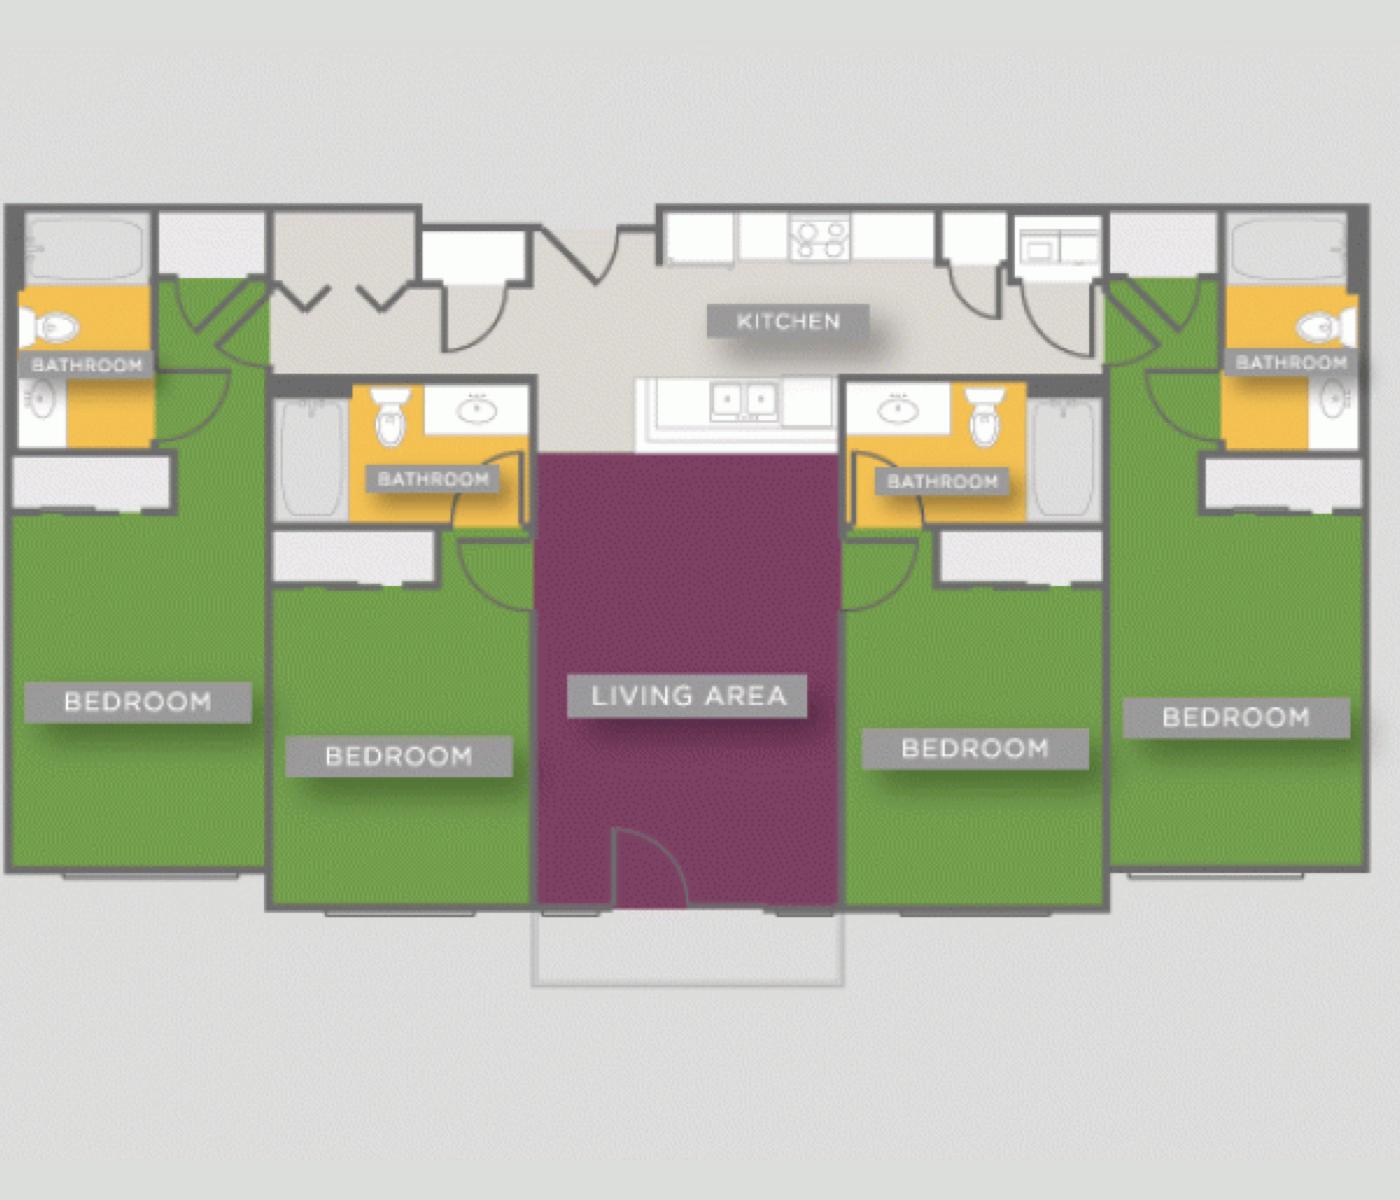 Loft-Vue-student-housing-Bluebonnet